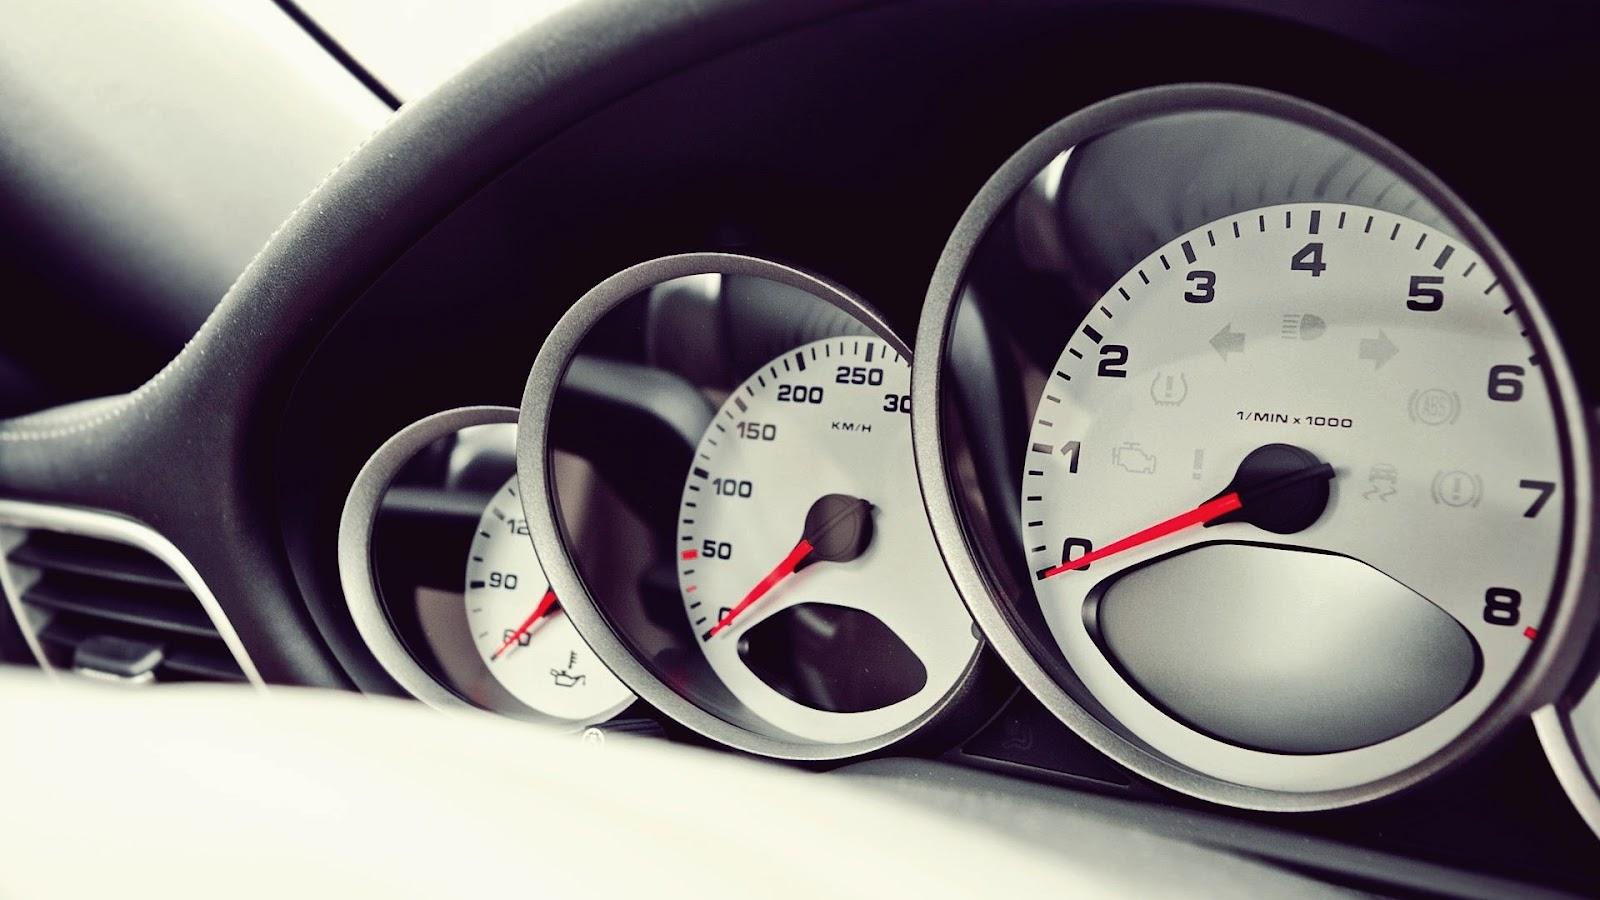 Porsche Speedometers Close Up Hd Wallpaper Hd Car Wallpapers